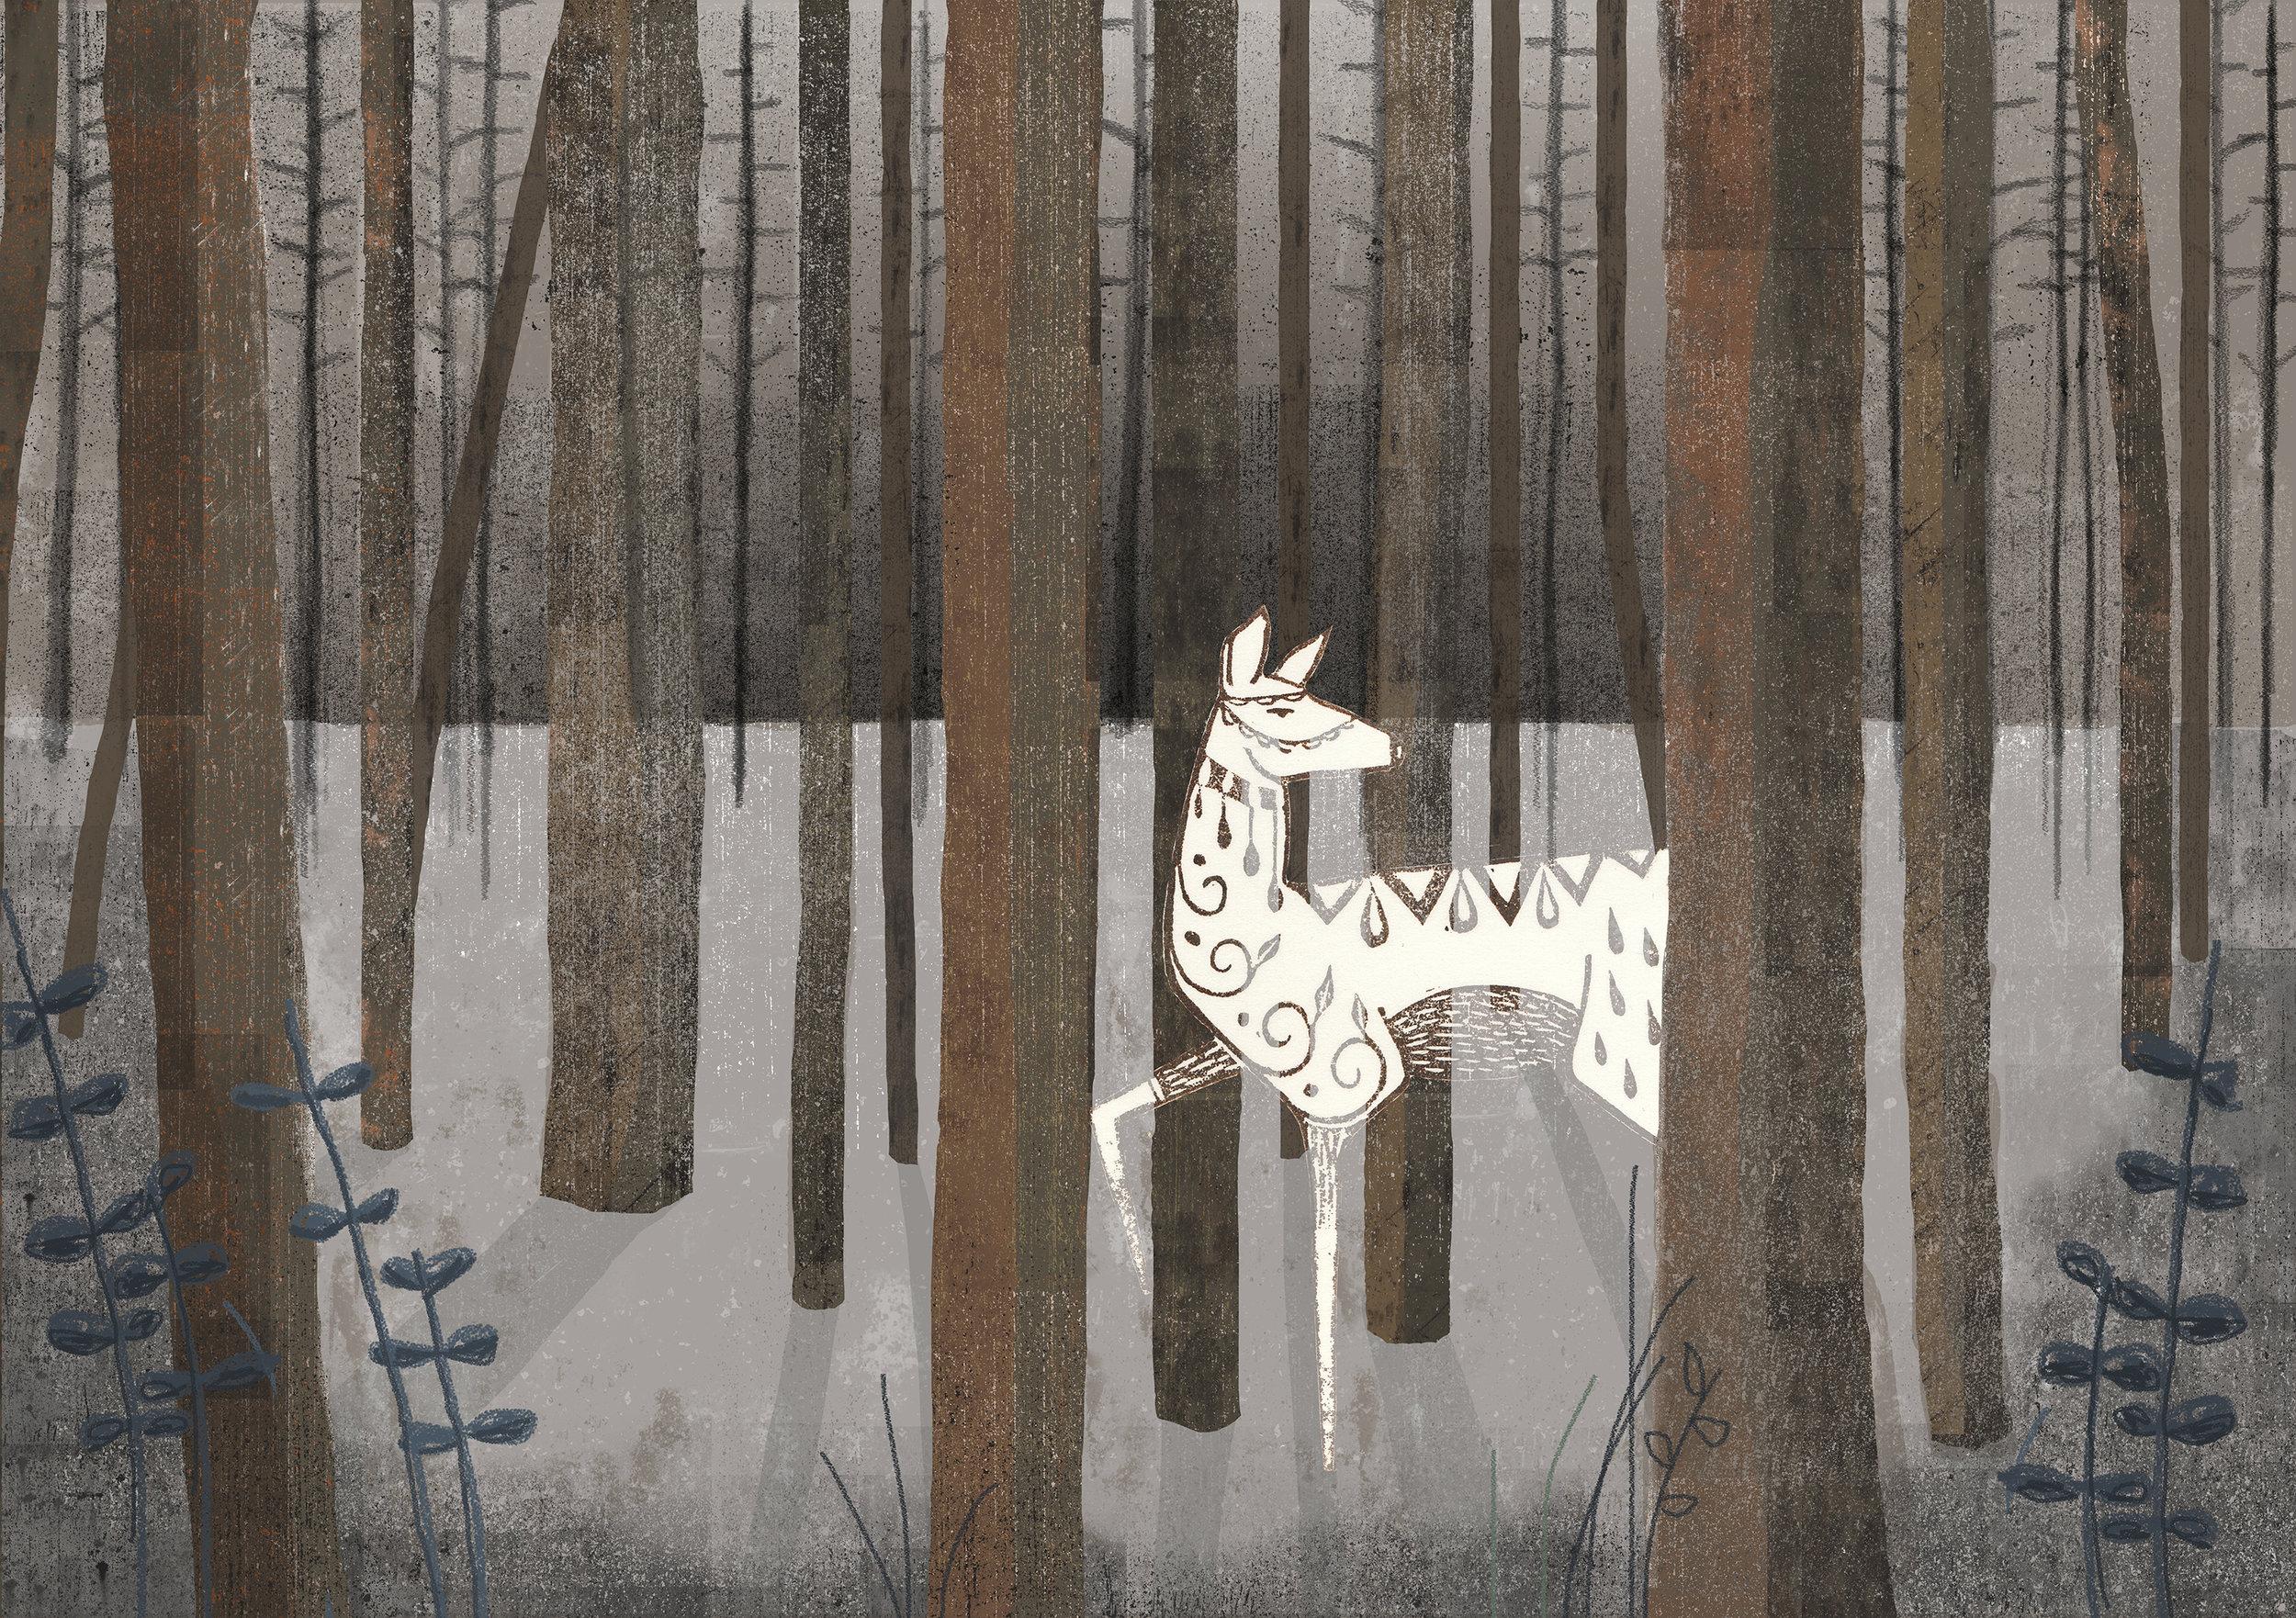 forest2Sm.jpg